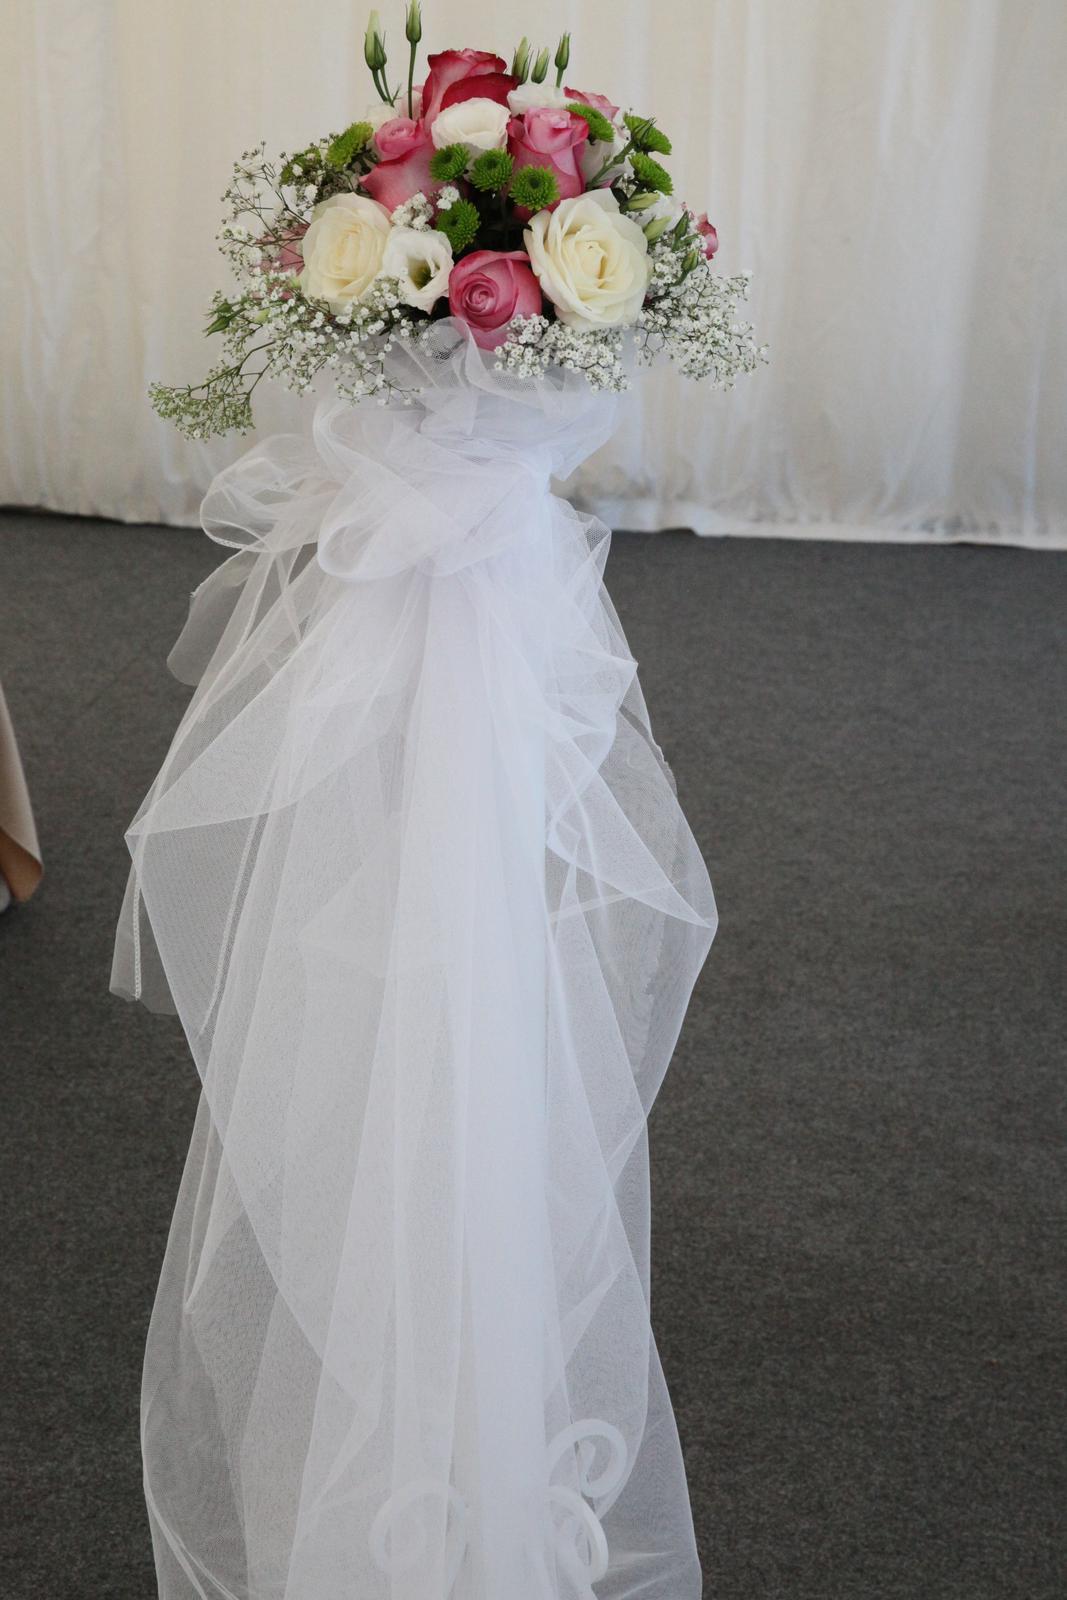 Stĺpiky na svadobný obrad - Obrázok č. 2